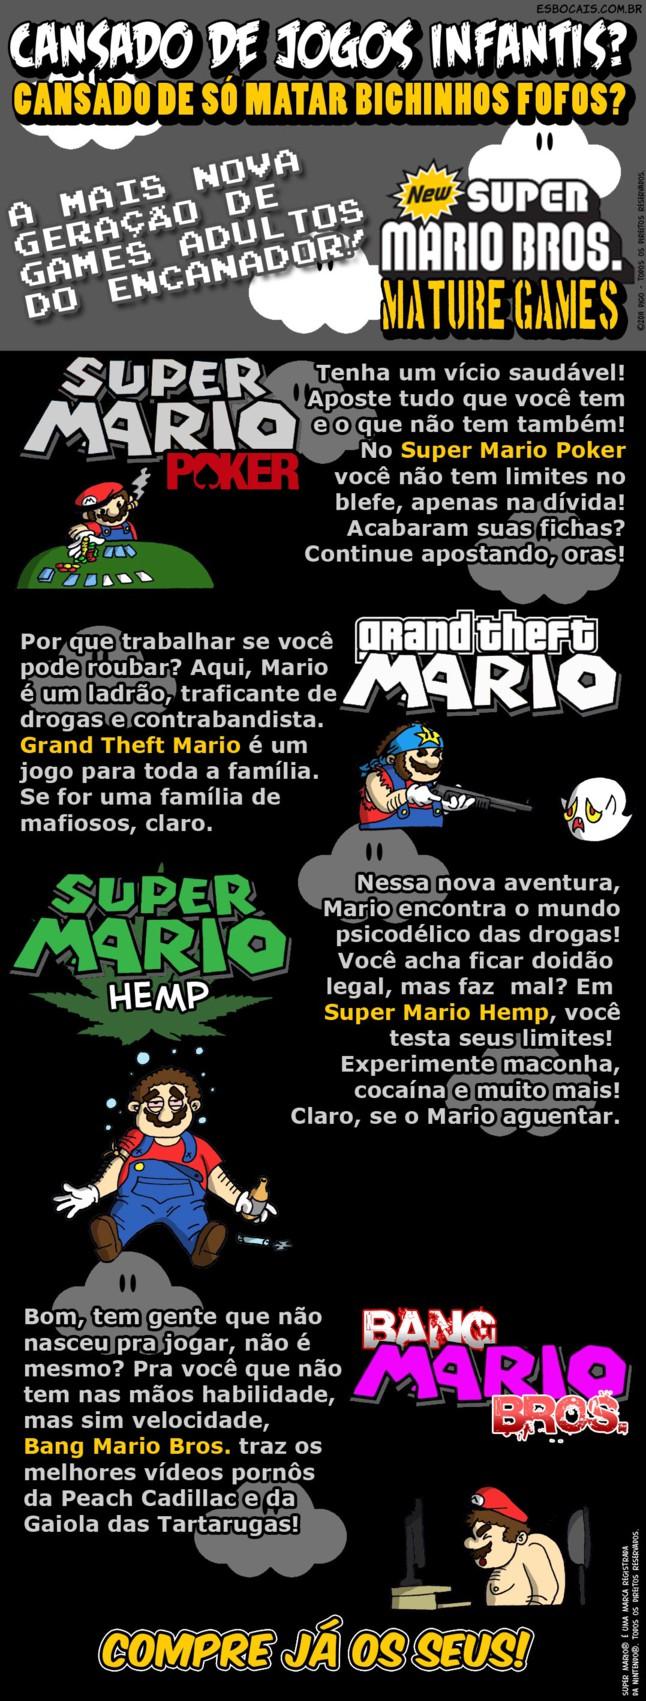 MLQC #13 – New Super Mario Bros. Mature Games |  ( bang, bros, games, gta, hemp, mario bros., mature, new, peach, poker, super, Tirinhas)